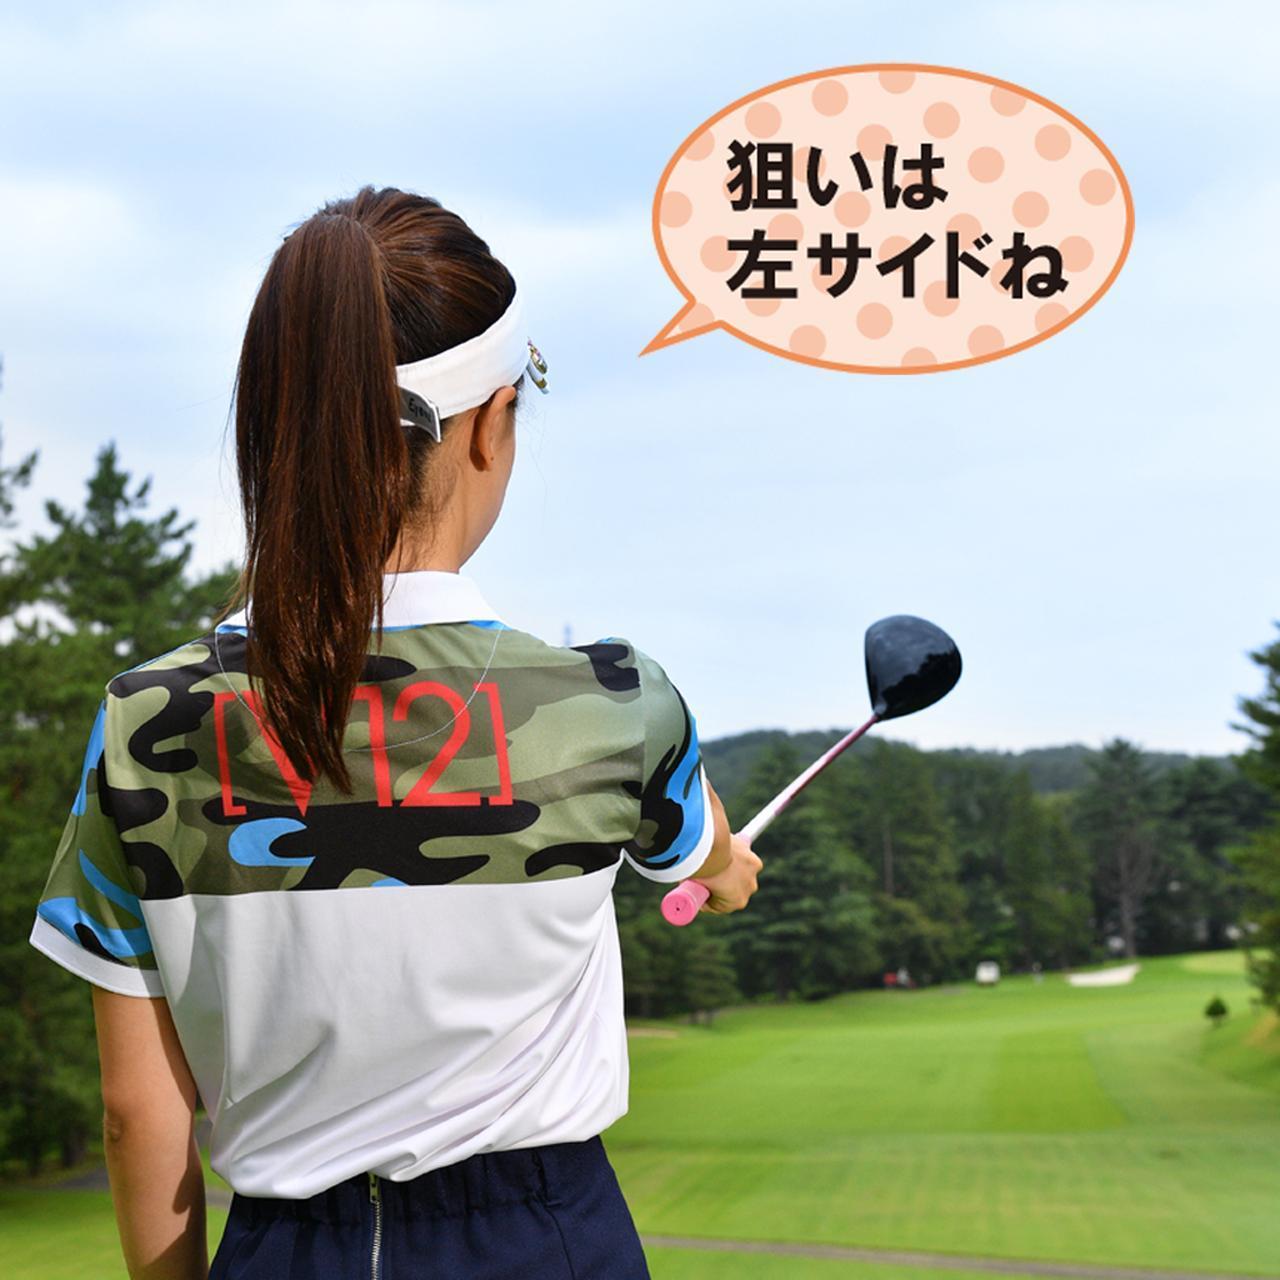 画像1: 【新ルール】クラブを置いてスタンスチェック、してもいい?